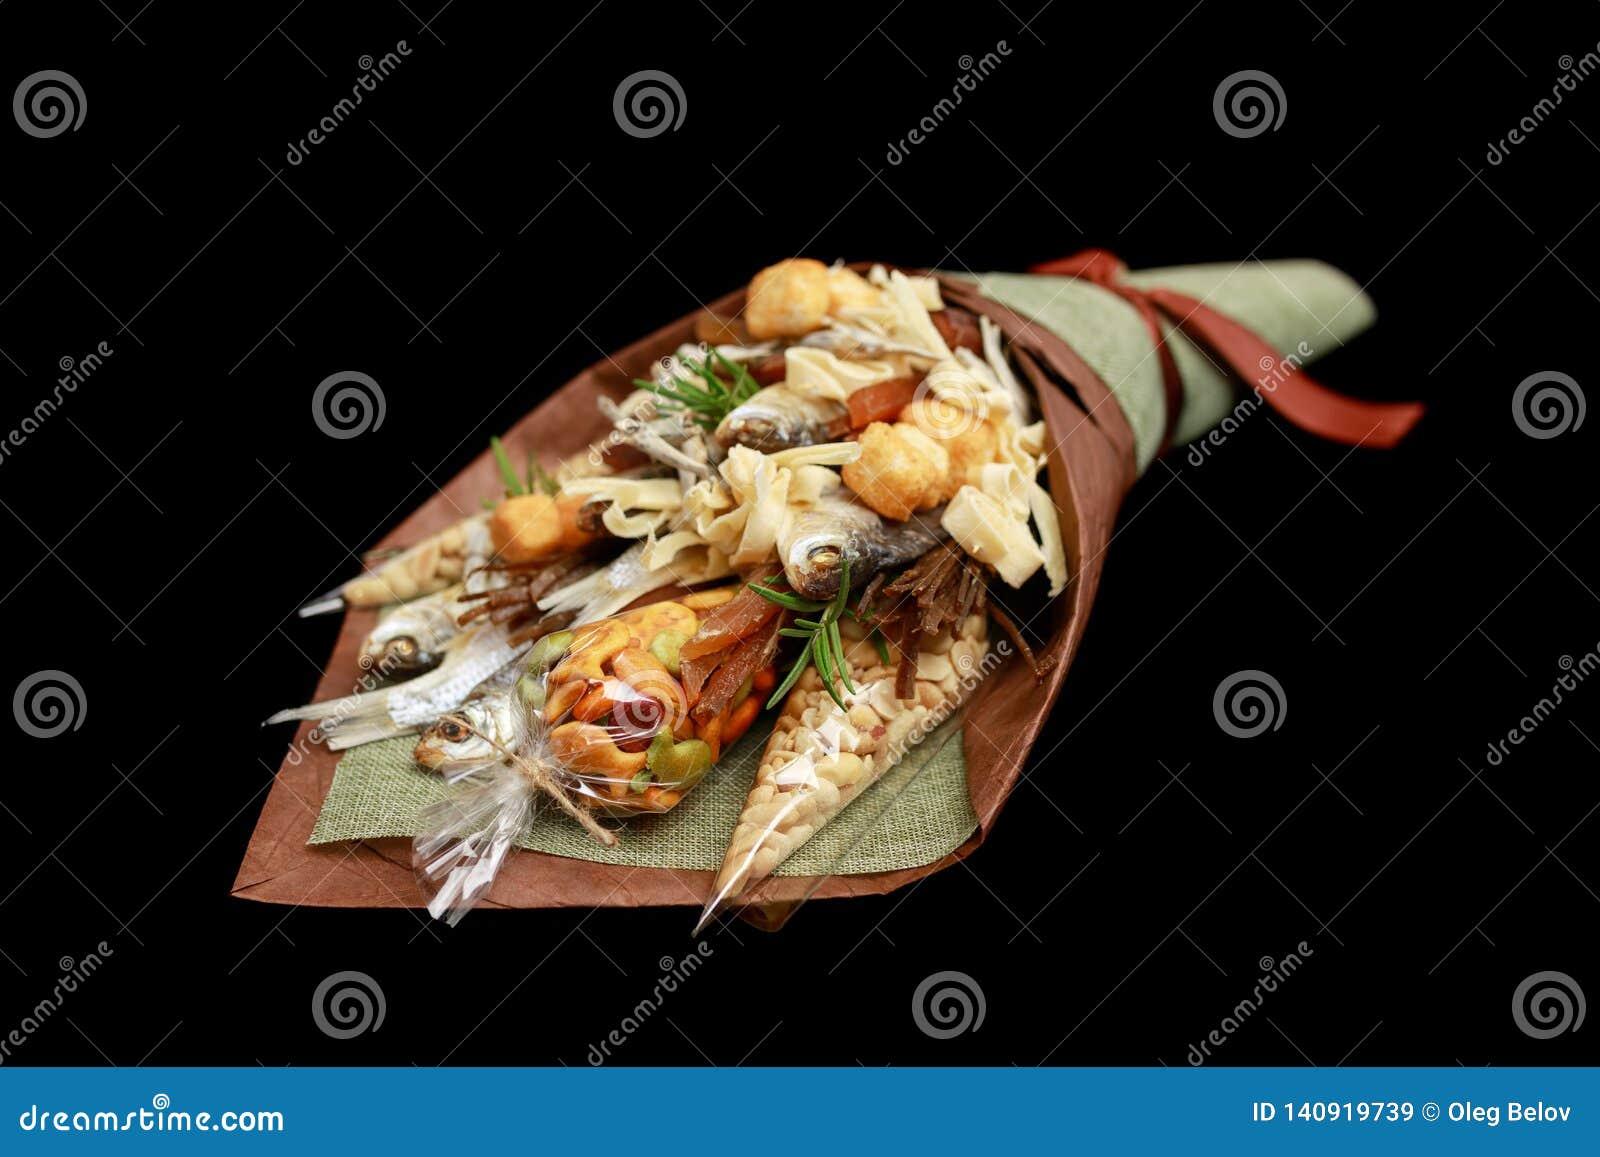 Ursprünglicher Blumenstrauß, der den getrockneten gesalzenen Fischen, gesalzenen Erdnüssen, Crackern, getrocknetem Brot und ander